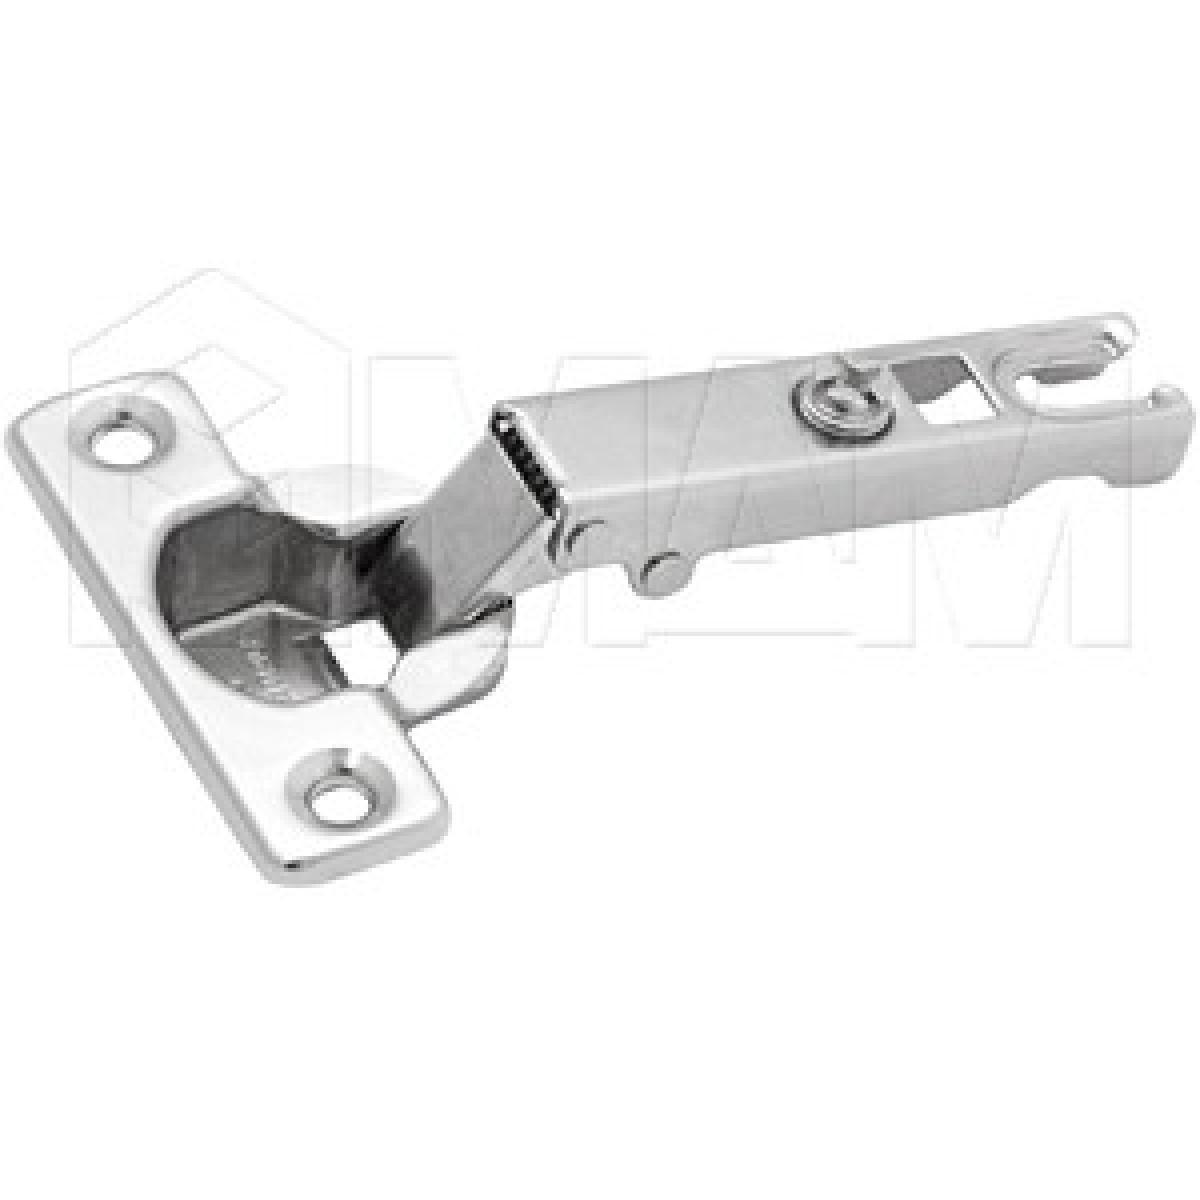 Четырехшарнирные петли - Петля Mini QS стандартная (90/105) накладная